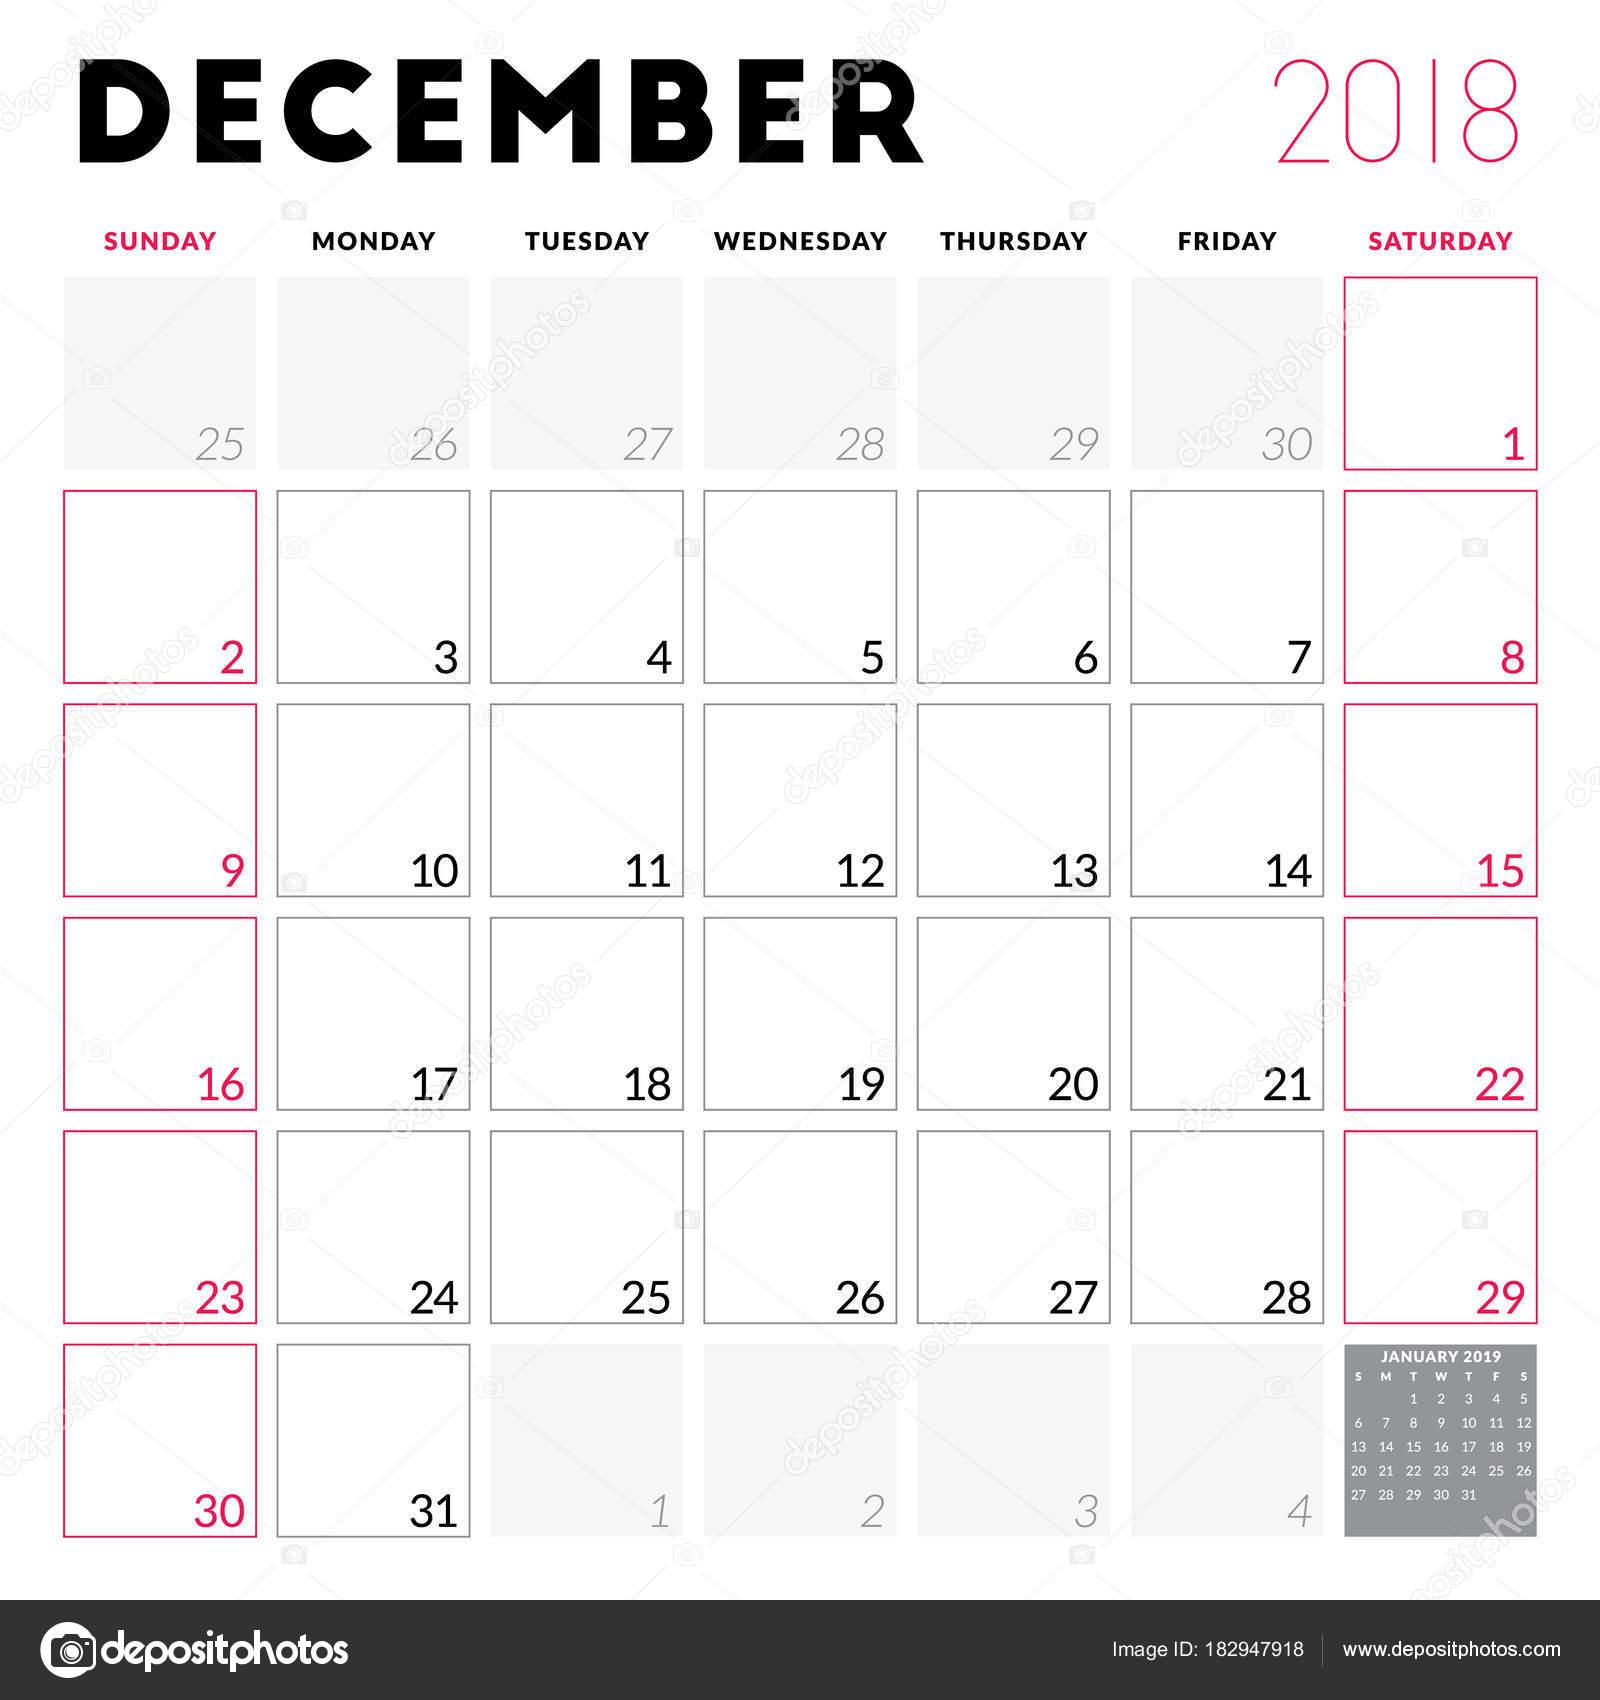 Calendario Diciembre 2018 Para Imprimir.Planificador De Calendario Para Diciembre De 2018 La Semana